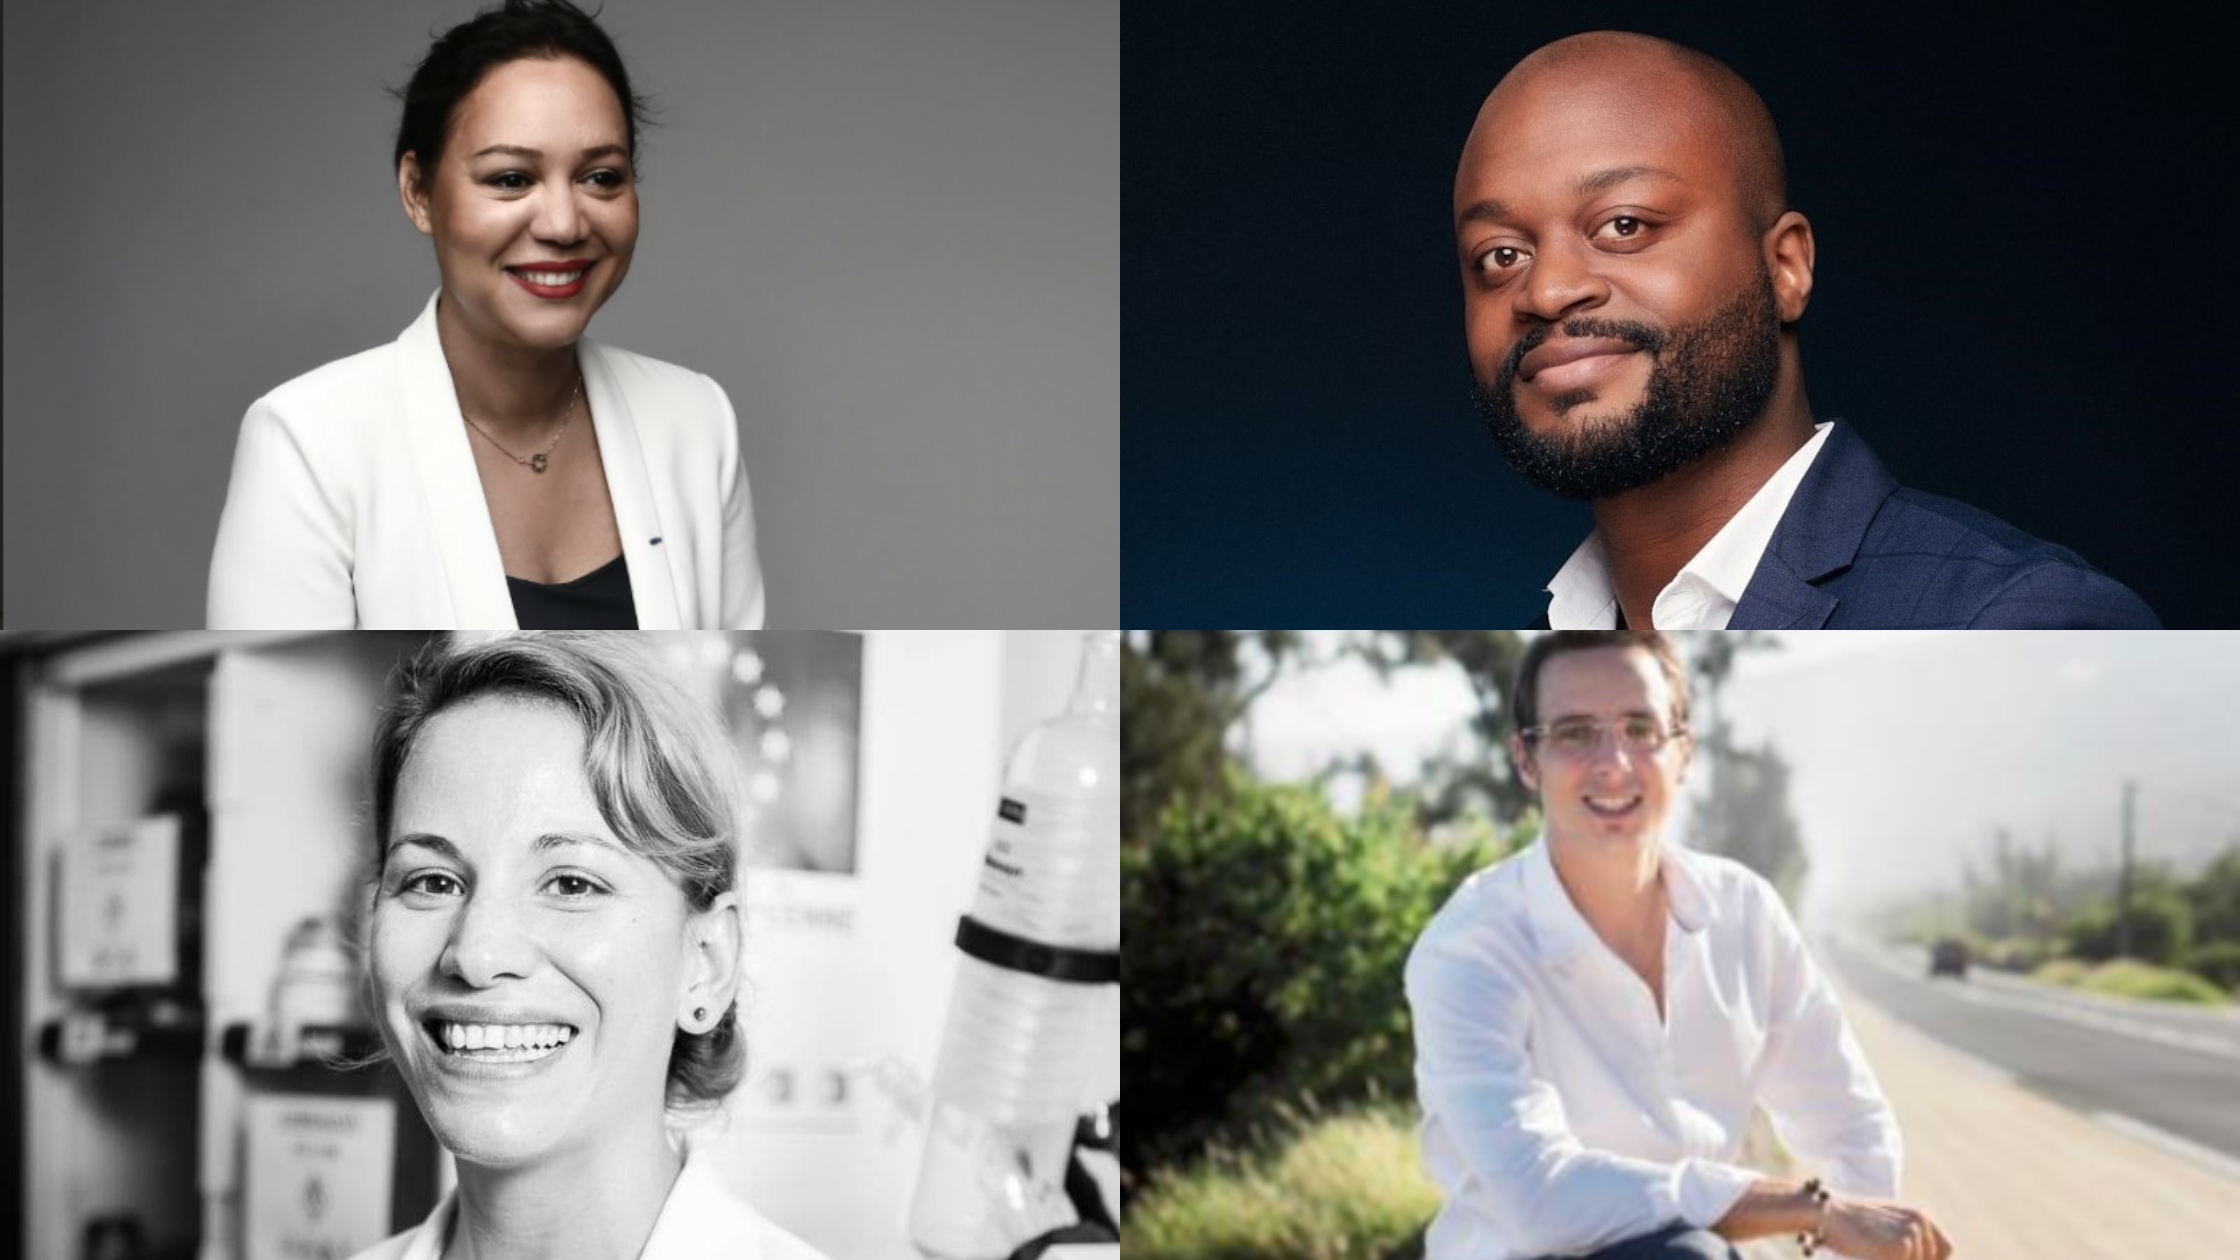 Quatre ultramarins présents dans la délégation française du G20 Young Entrepreneurs